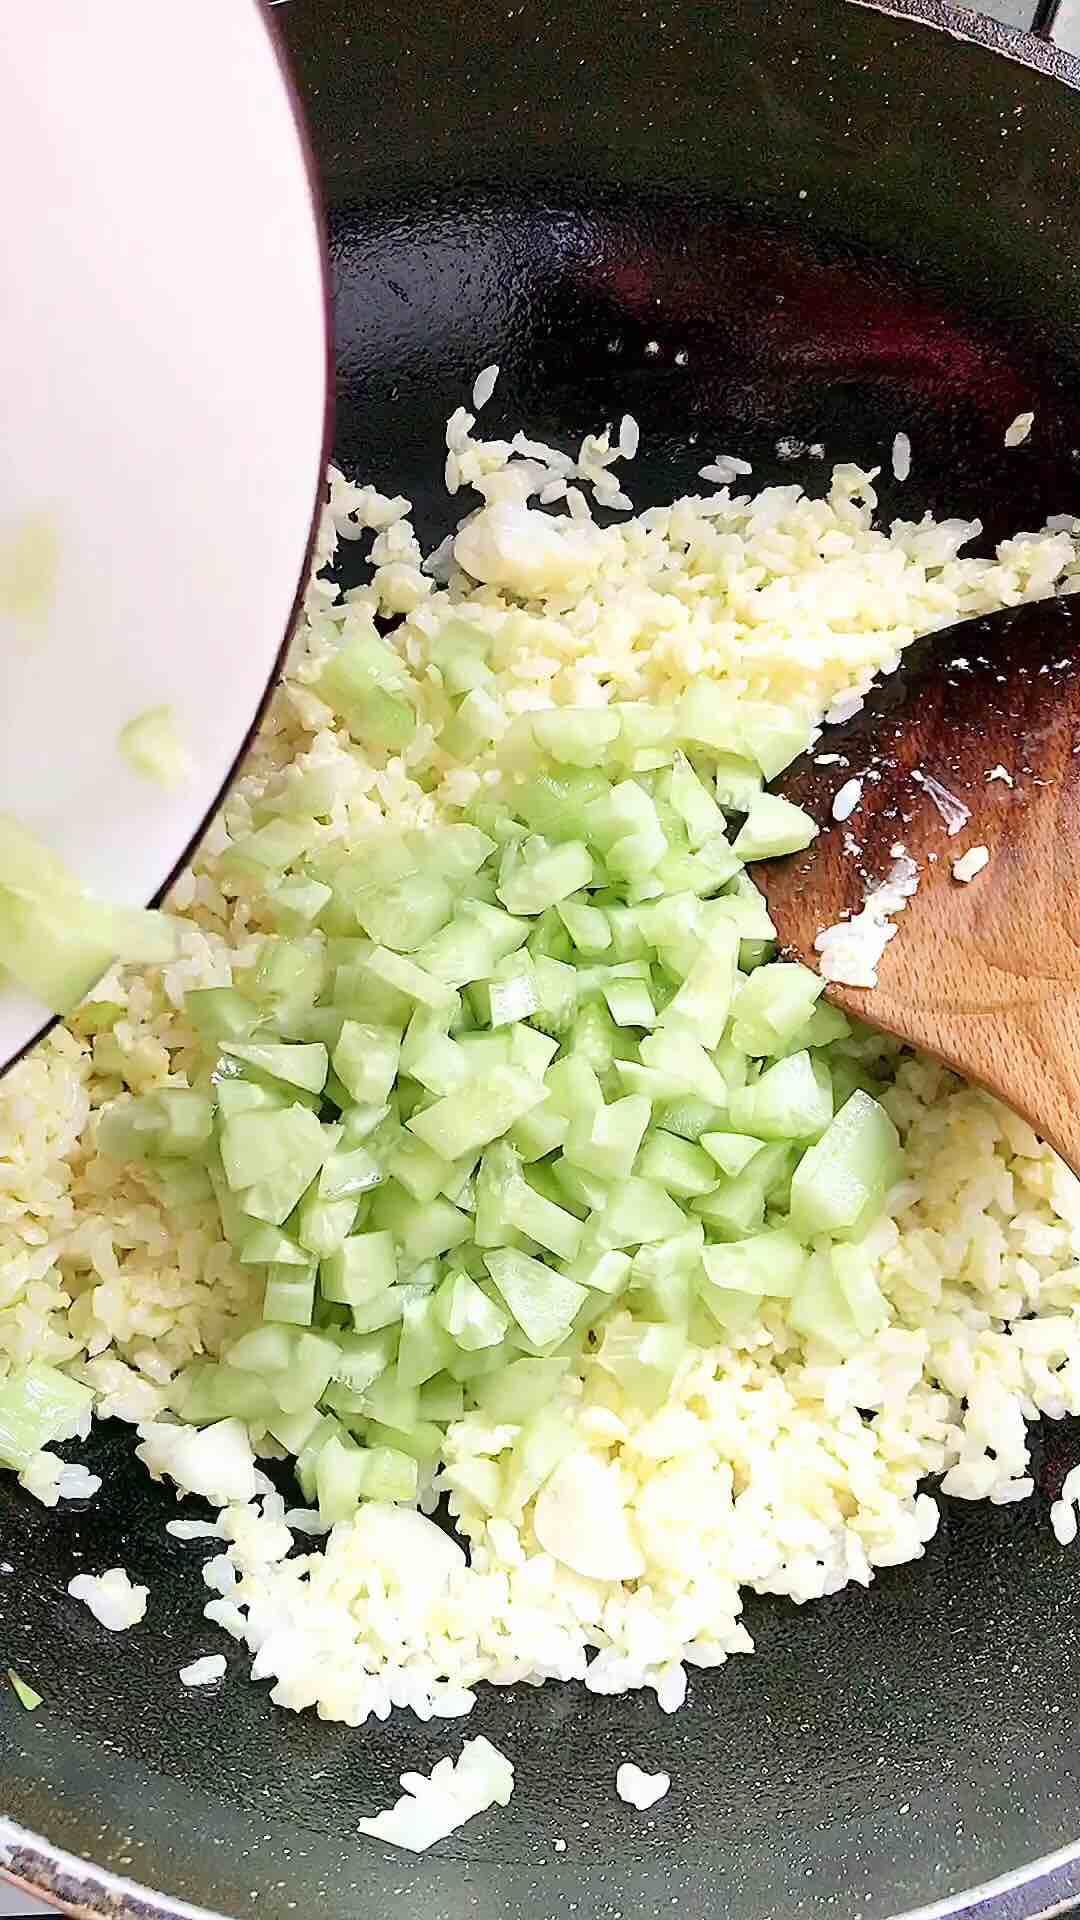 黄瓜鸡蛋炒米饭怎么做